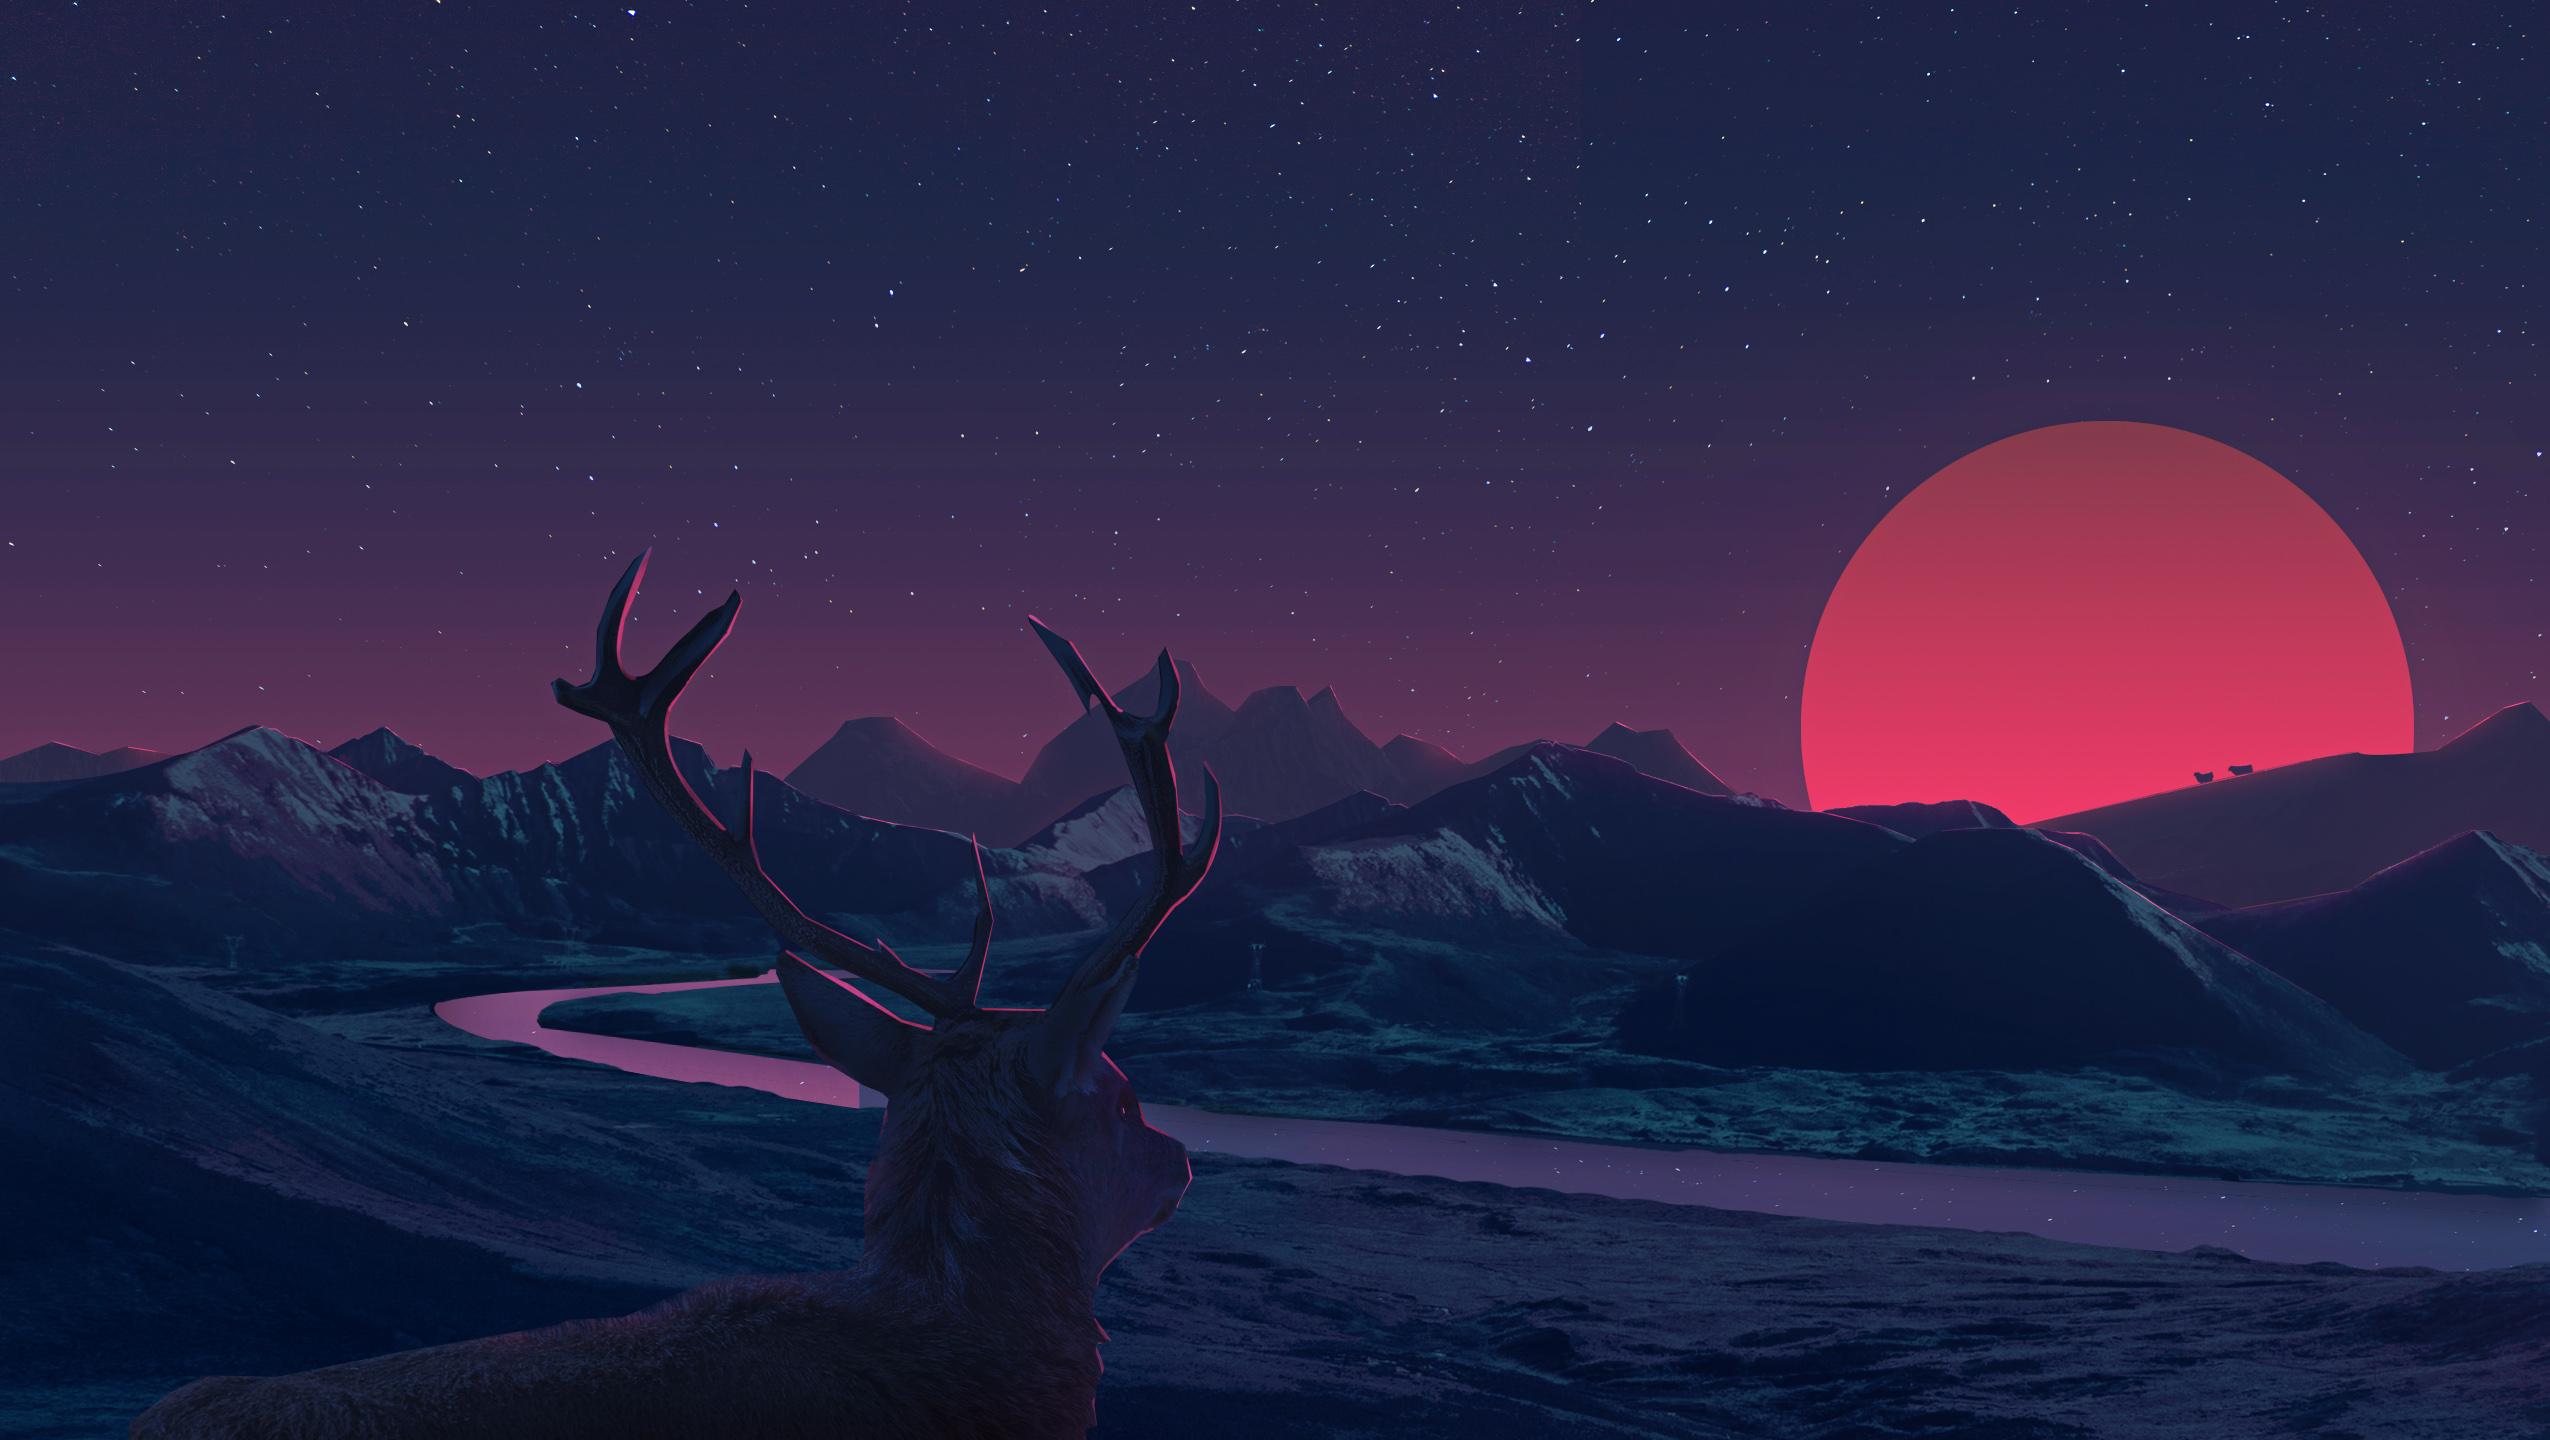 deer staring at sunset anime full hd 2k wallpaper